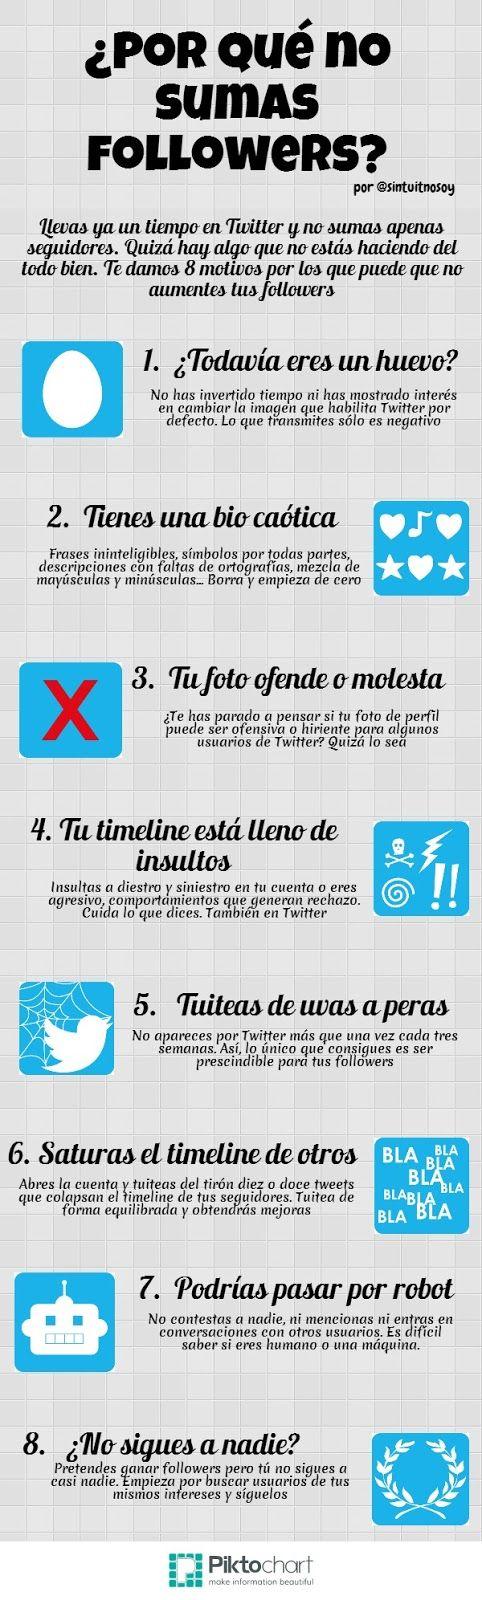 ¿Por qué no tienes más seguidores en Twitter? #infografia